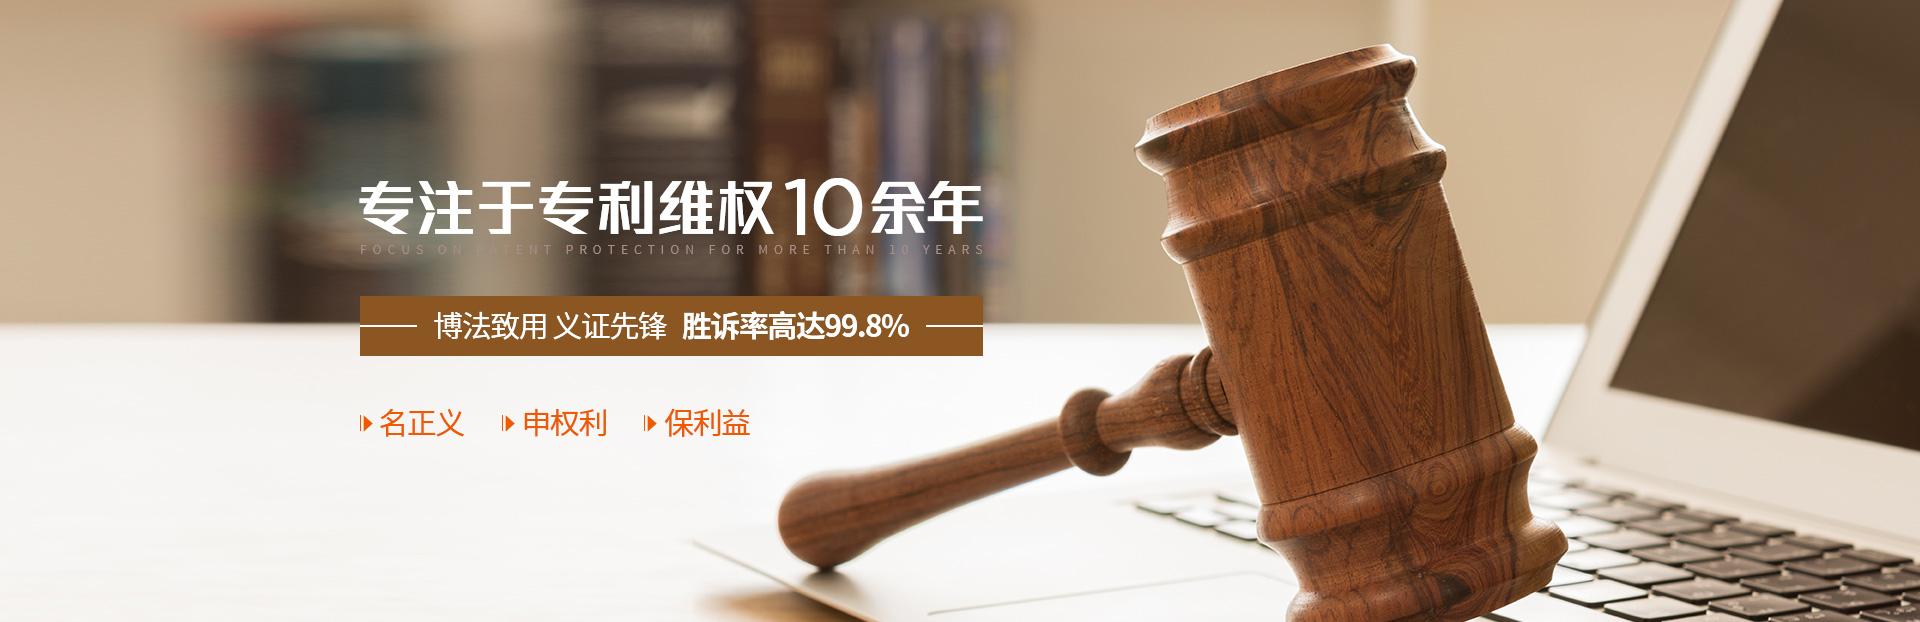 古正知识产权-专注于专利维权10余年    名正义,申权利,保利益